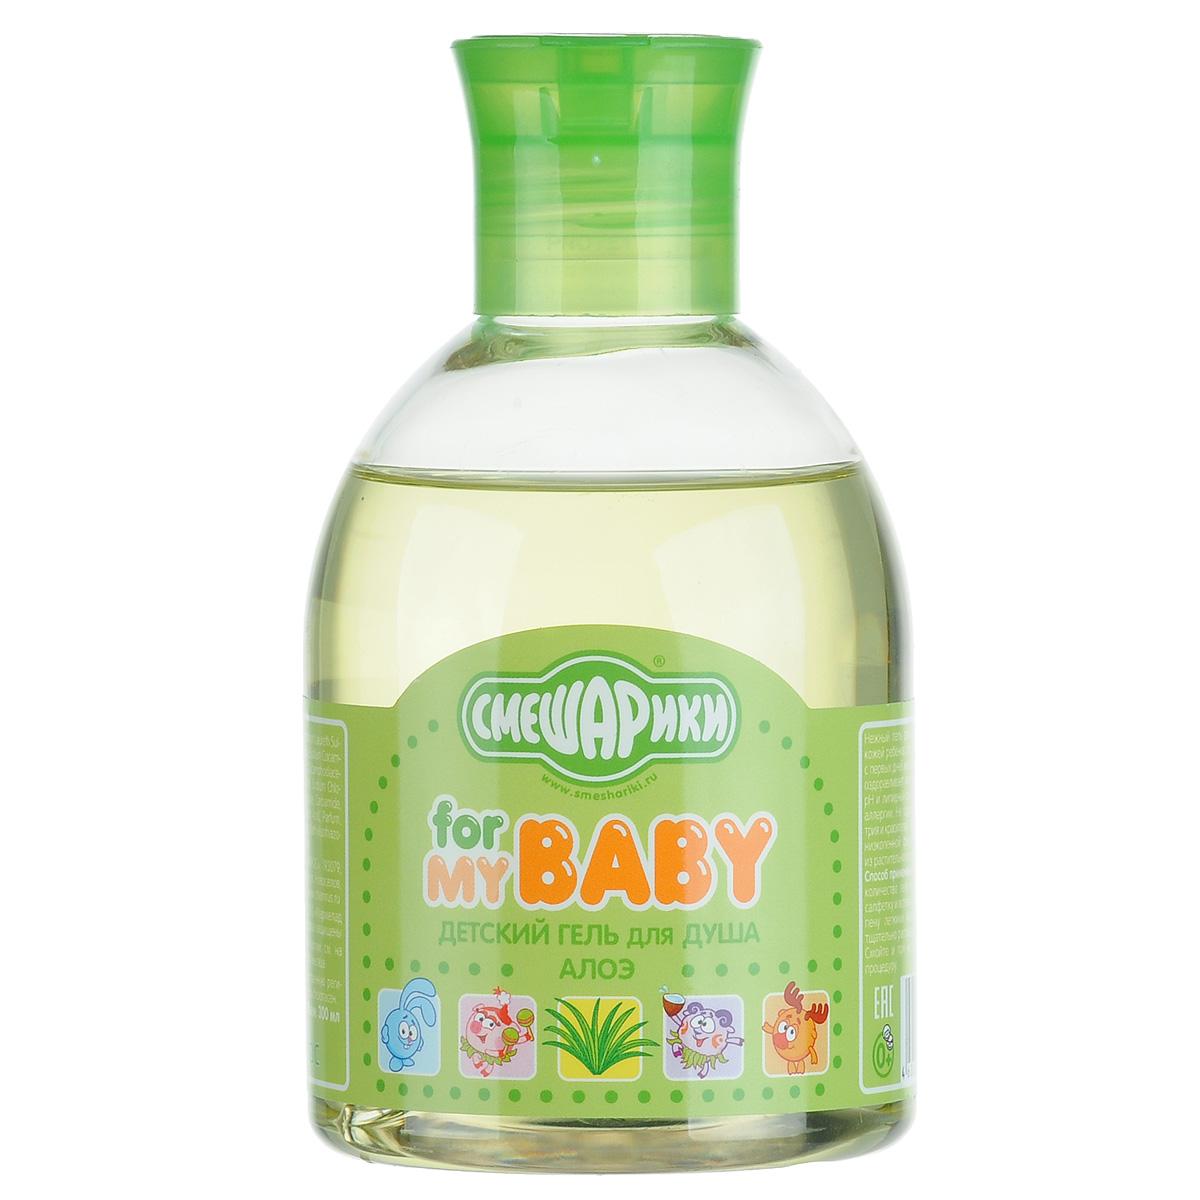 Смешарики Детский гель для душа For my Baby, с экстрактом алоэ, 300 млСМ88Детский гель для душа Смешарики For my Baby подходит для купания малышей с рождения. Гель прекрасно пенится в воде любой жесткости, полностью смывается. Оставляет нежную кожу малыша чистой и не пересушенной благодаря сбалансированному составу, сохраняющему естественный водно-жировой баланс кожи. Сок алоэ помогает быстро снять раздражение и покраснение кожного покрова. Пышная пена придает коже мягкость и шелковистость. Принципиальное отличие геля для душа в использовании моющих веществ натурального происхождения, которые не наносят раздражающего действия на детскую кожу и оказывают мягкое моющее действие. Средство не содержит красителей, не вызывает аллергии. Товар сертифицирован и дерматологически безопасен.